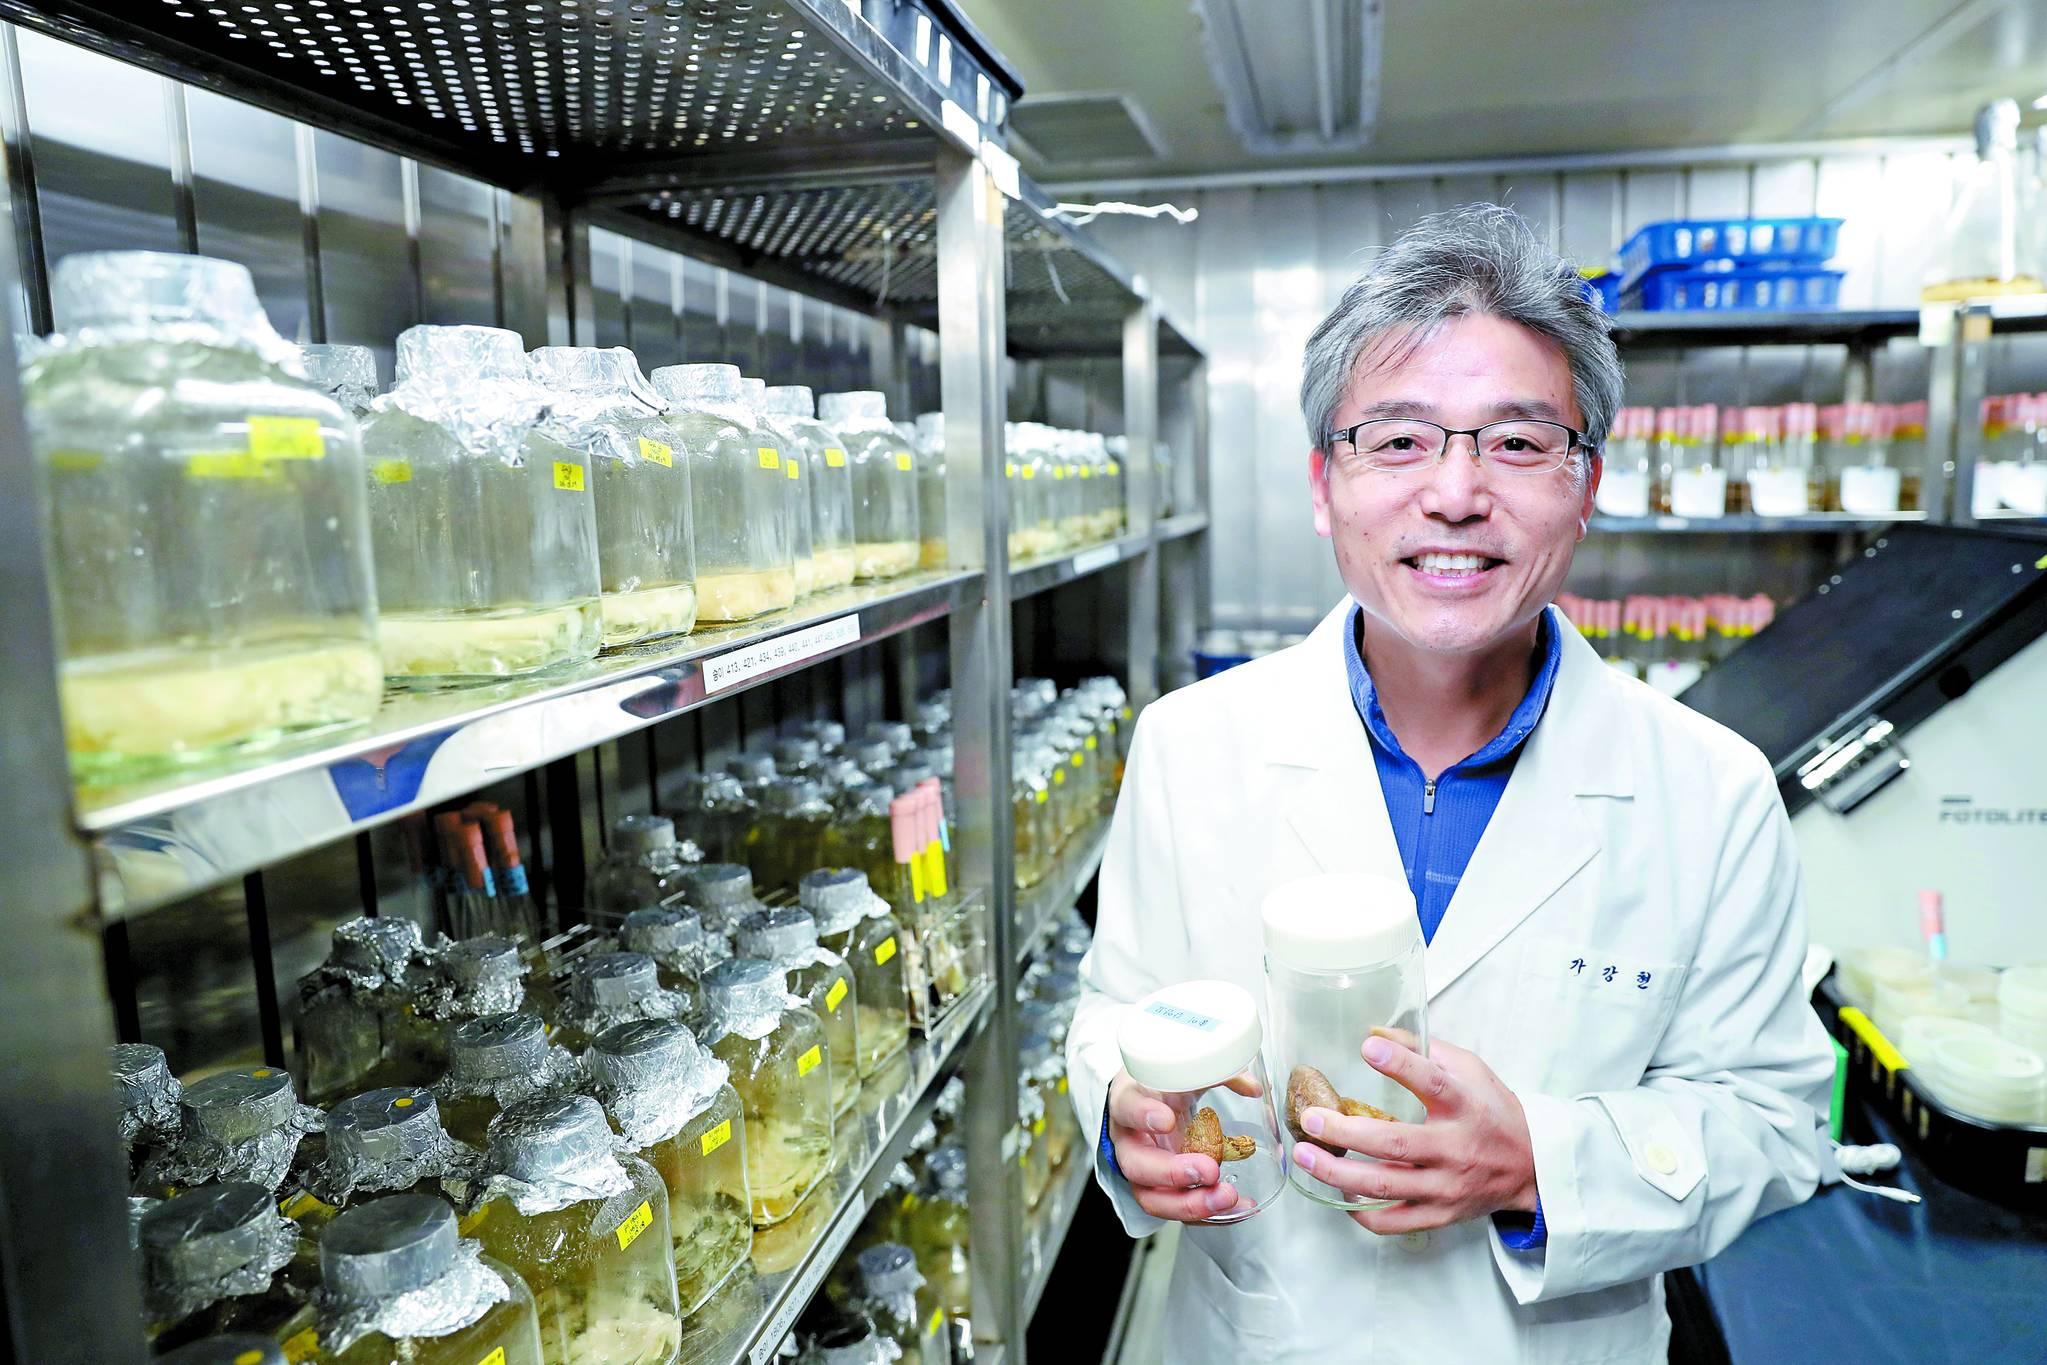 국립산림과학원 가강현 박사가 연구원 버섯 배양실에서 인공재배에 성공, 건조형태로 보관 중인 송이버섯을 들어보이고 있다.국립산림과학원은 지난해 9월 송이 인공재배기술 개발을 위해 지난 2001ㆍ2004년에 식재한 송이균 감염 소나무묘목(감염묘)에서 세 개의 송이 발생을 확인했다고 발표했다. [중앙포토]